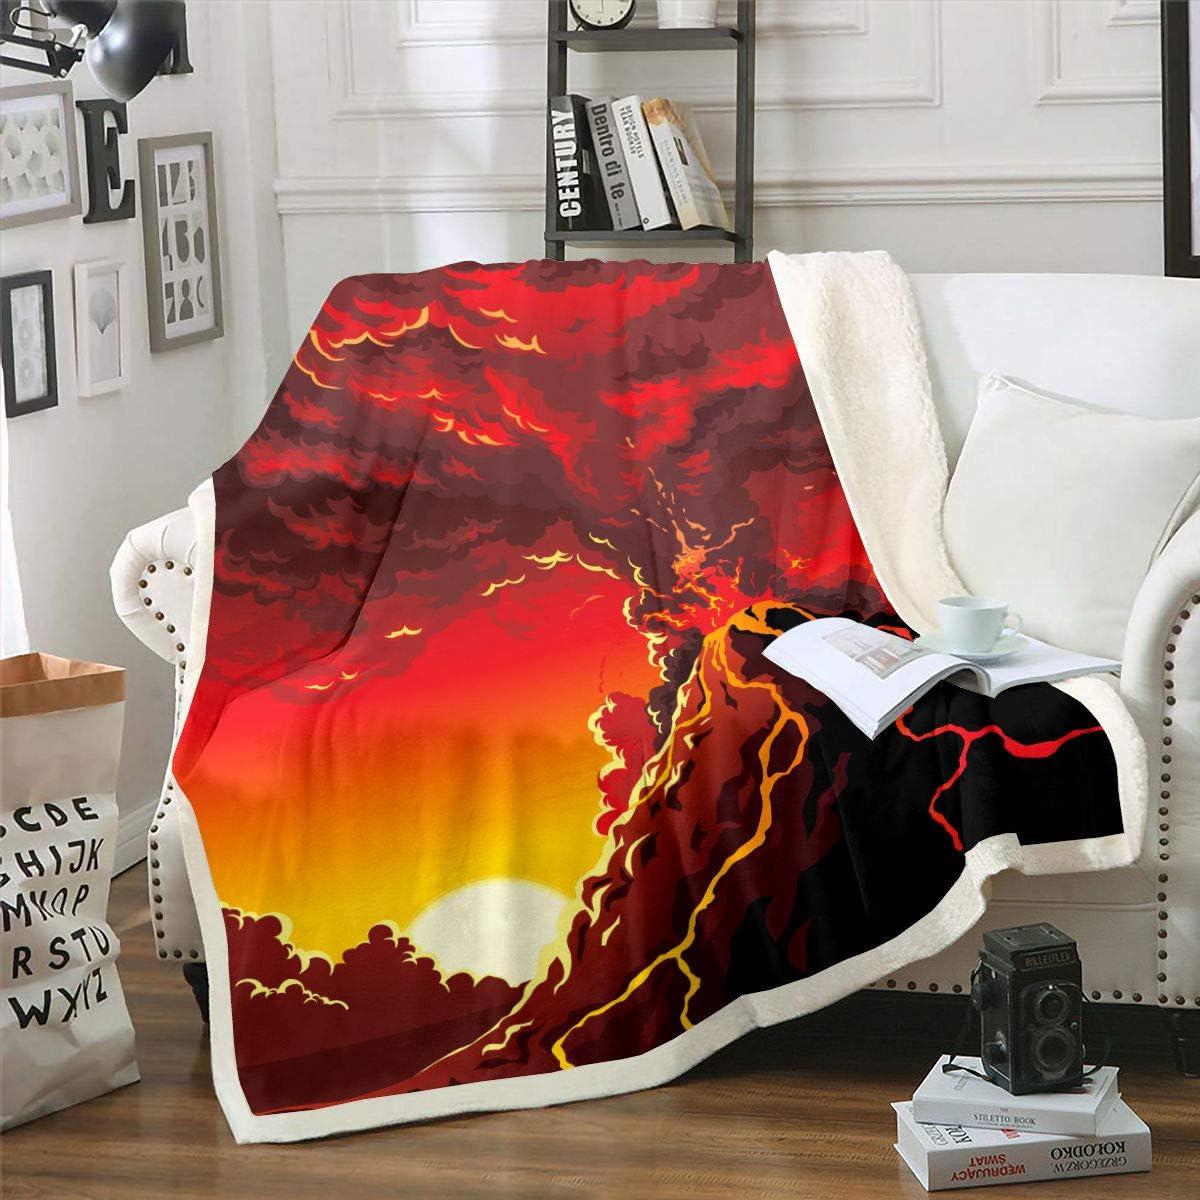 Animer and price revision Erosebridal Volcano Fleece Blanket Disaster Natural Sherpa Manufacturer direct delivery Blank